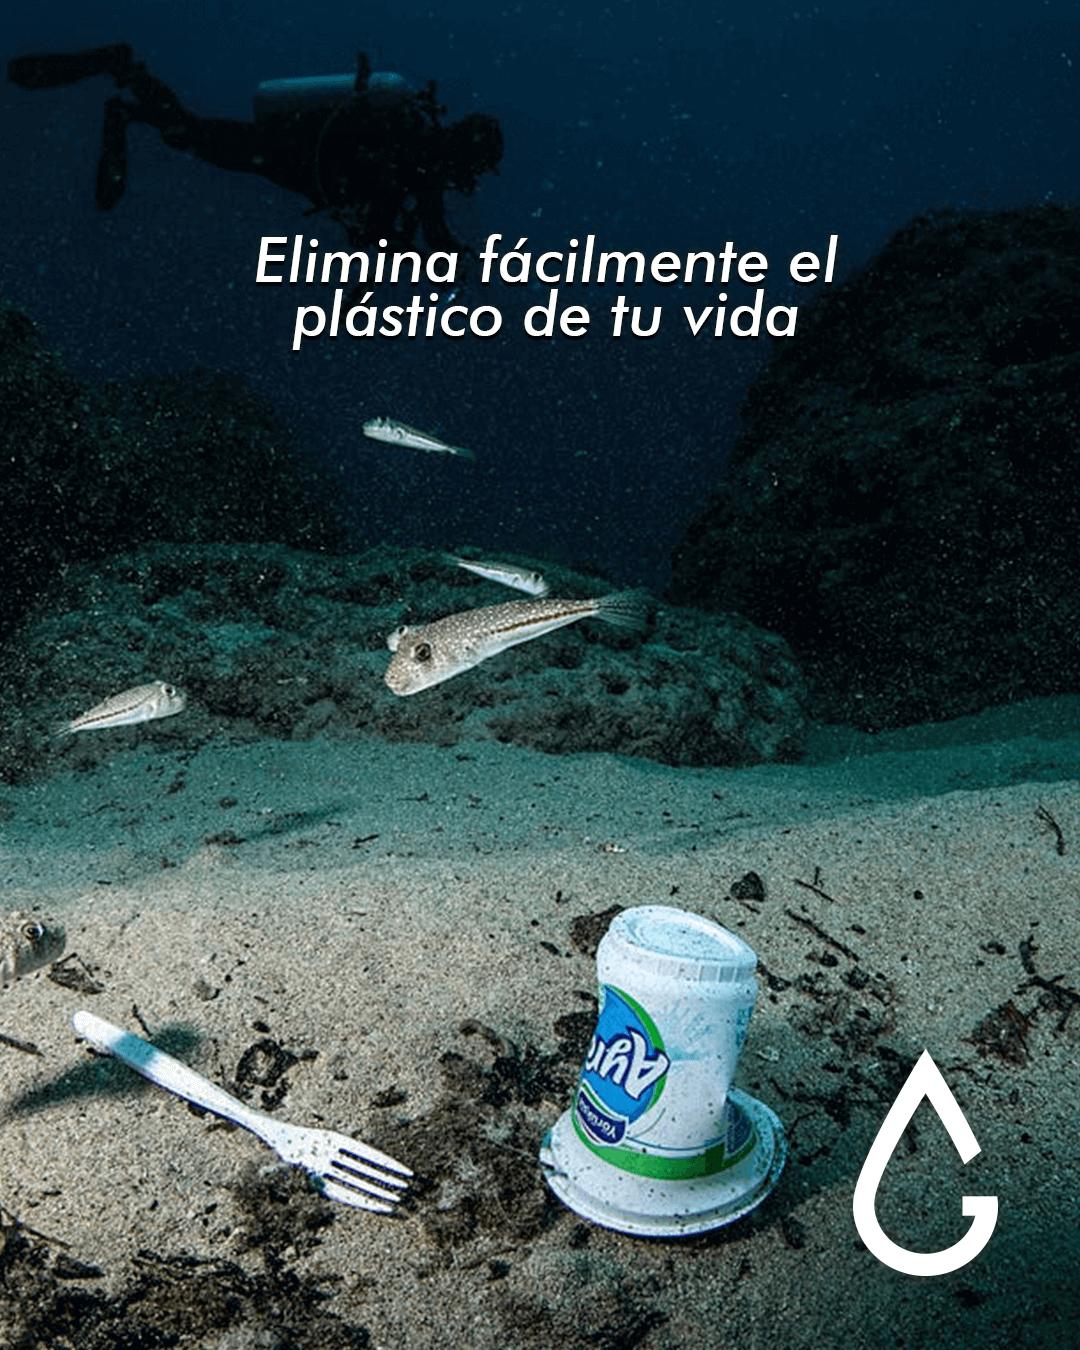 Elimina fácilmente el plástico de tu vida.